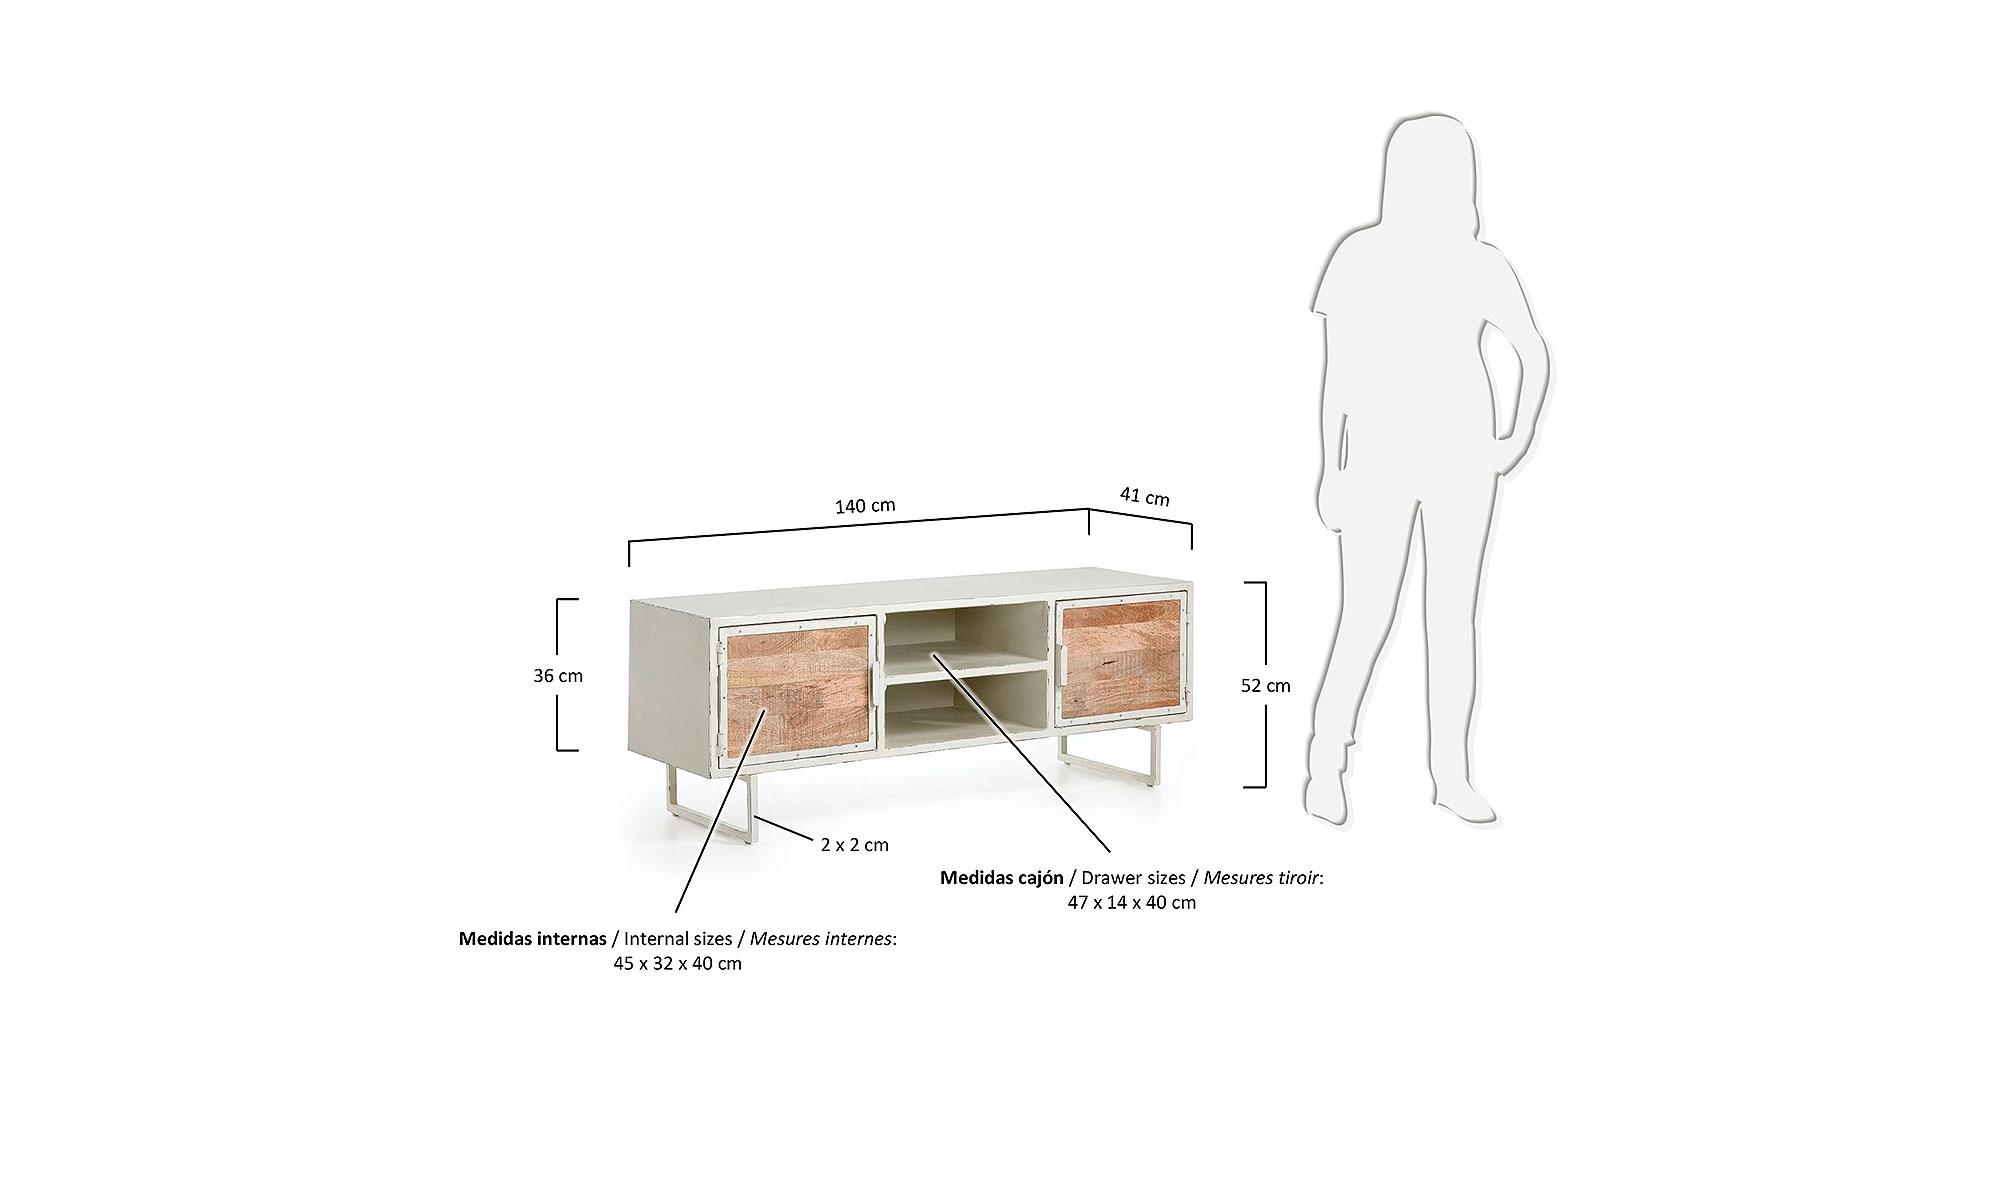 Mueble tv industrial loops en cosas de arquitectoscosas de for Mueble television industrial